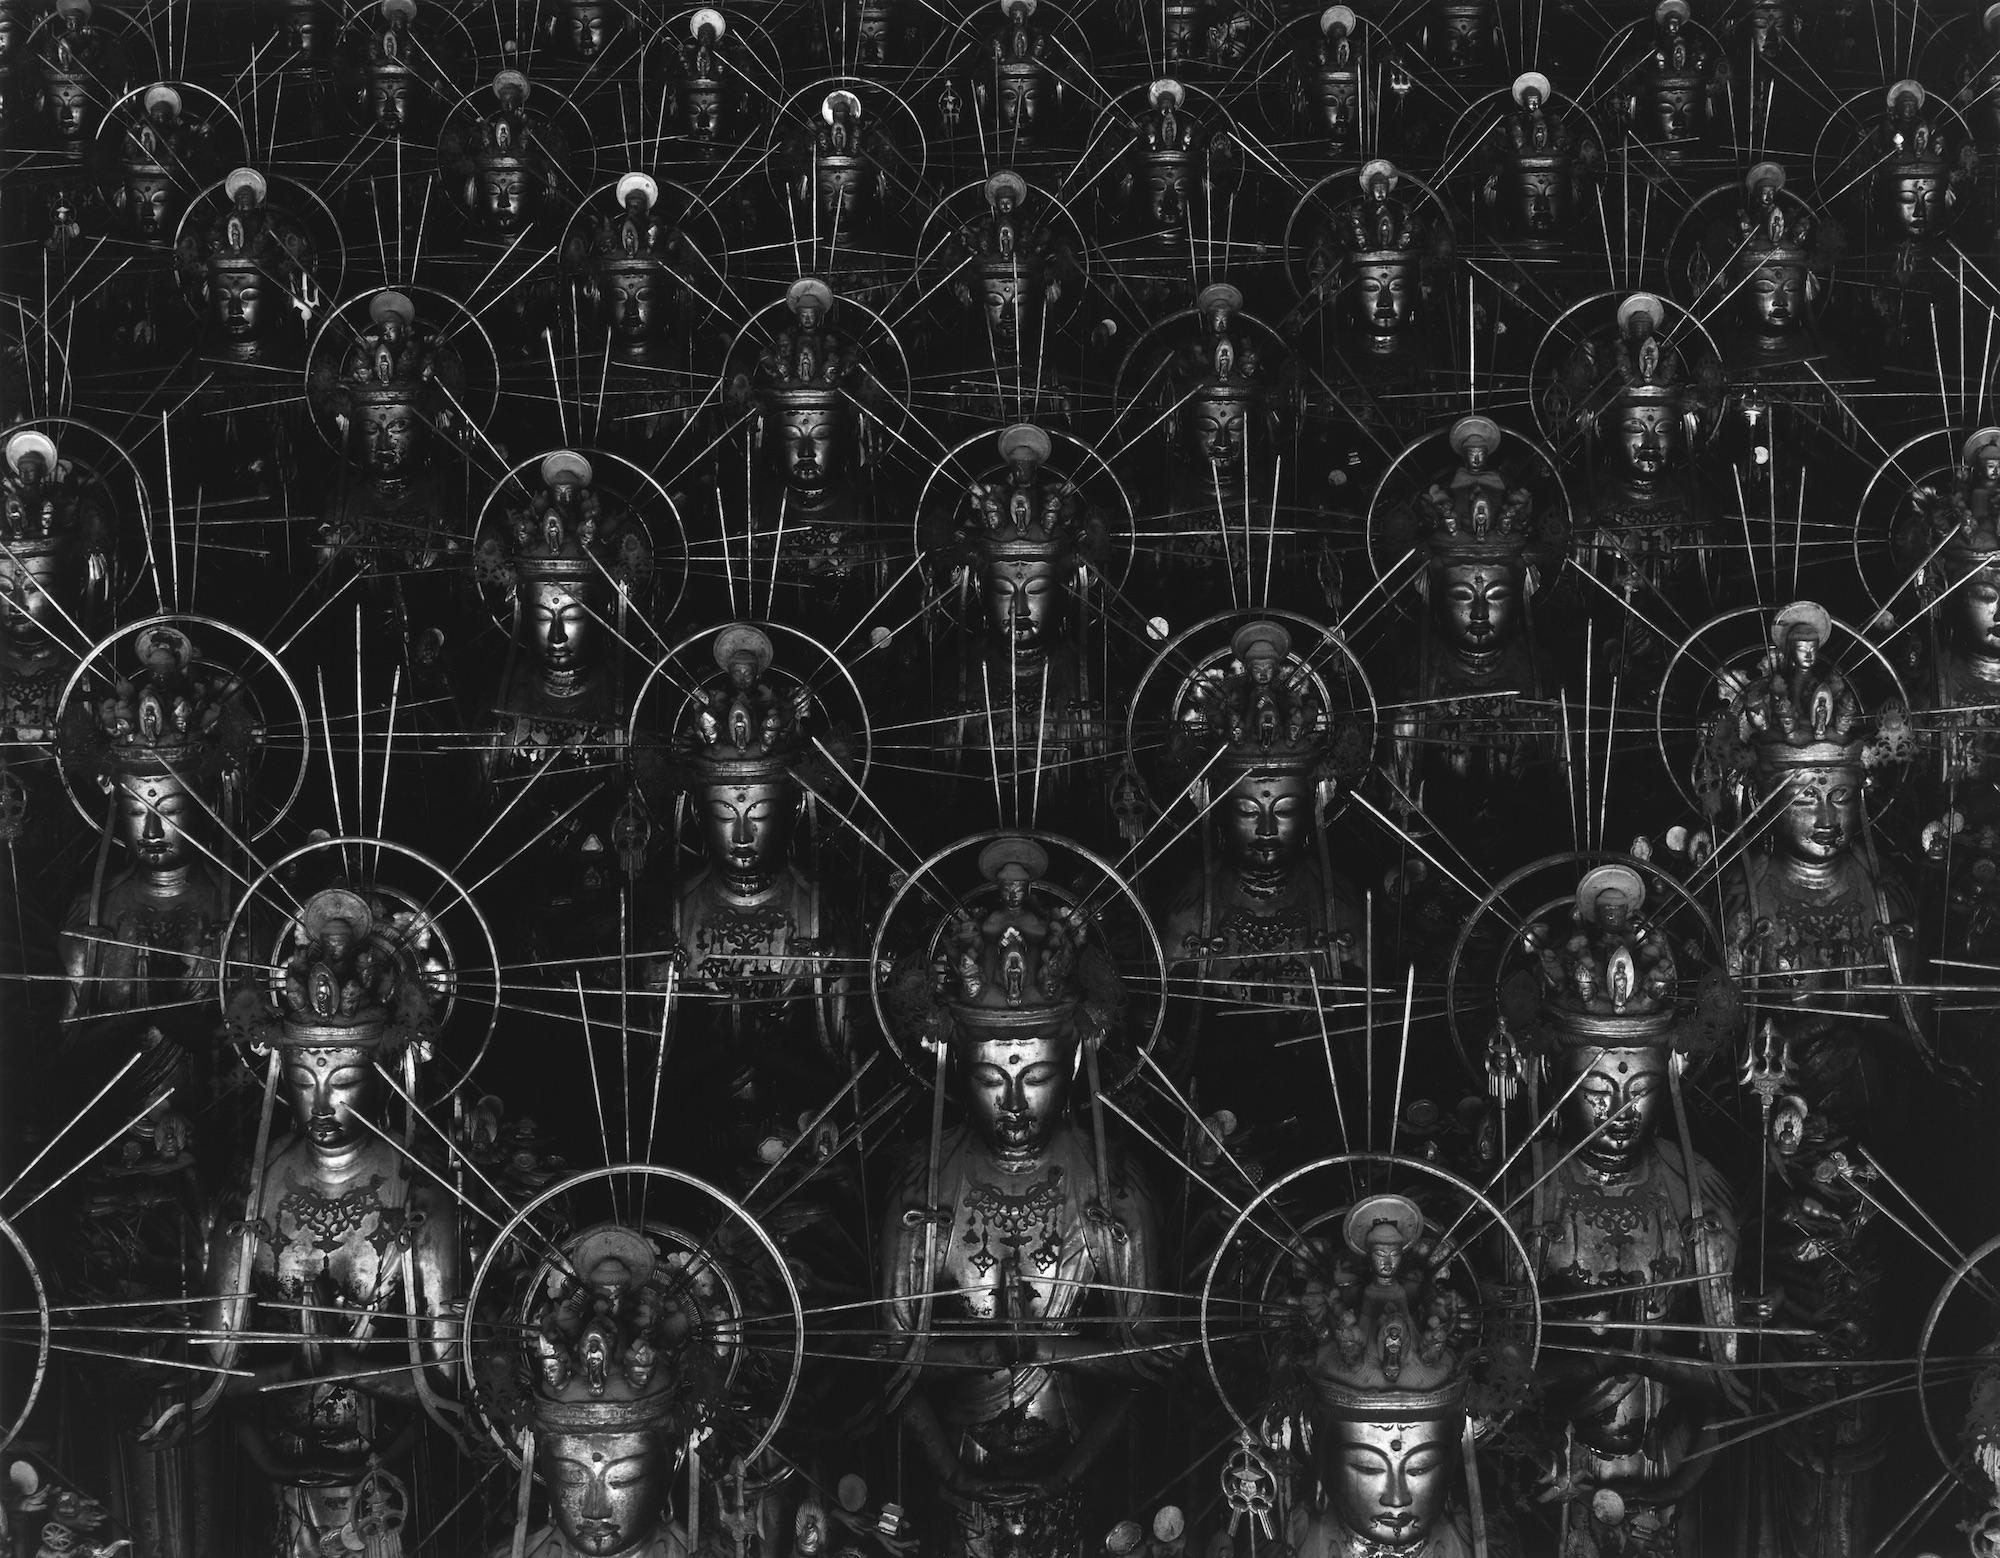 Hiroshi Sugimoto, Sea of Buddha 001, 1995